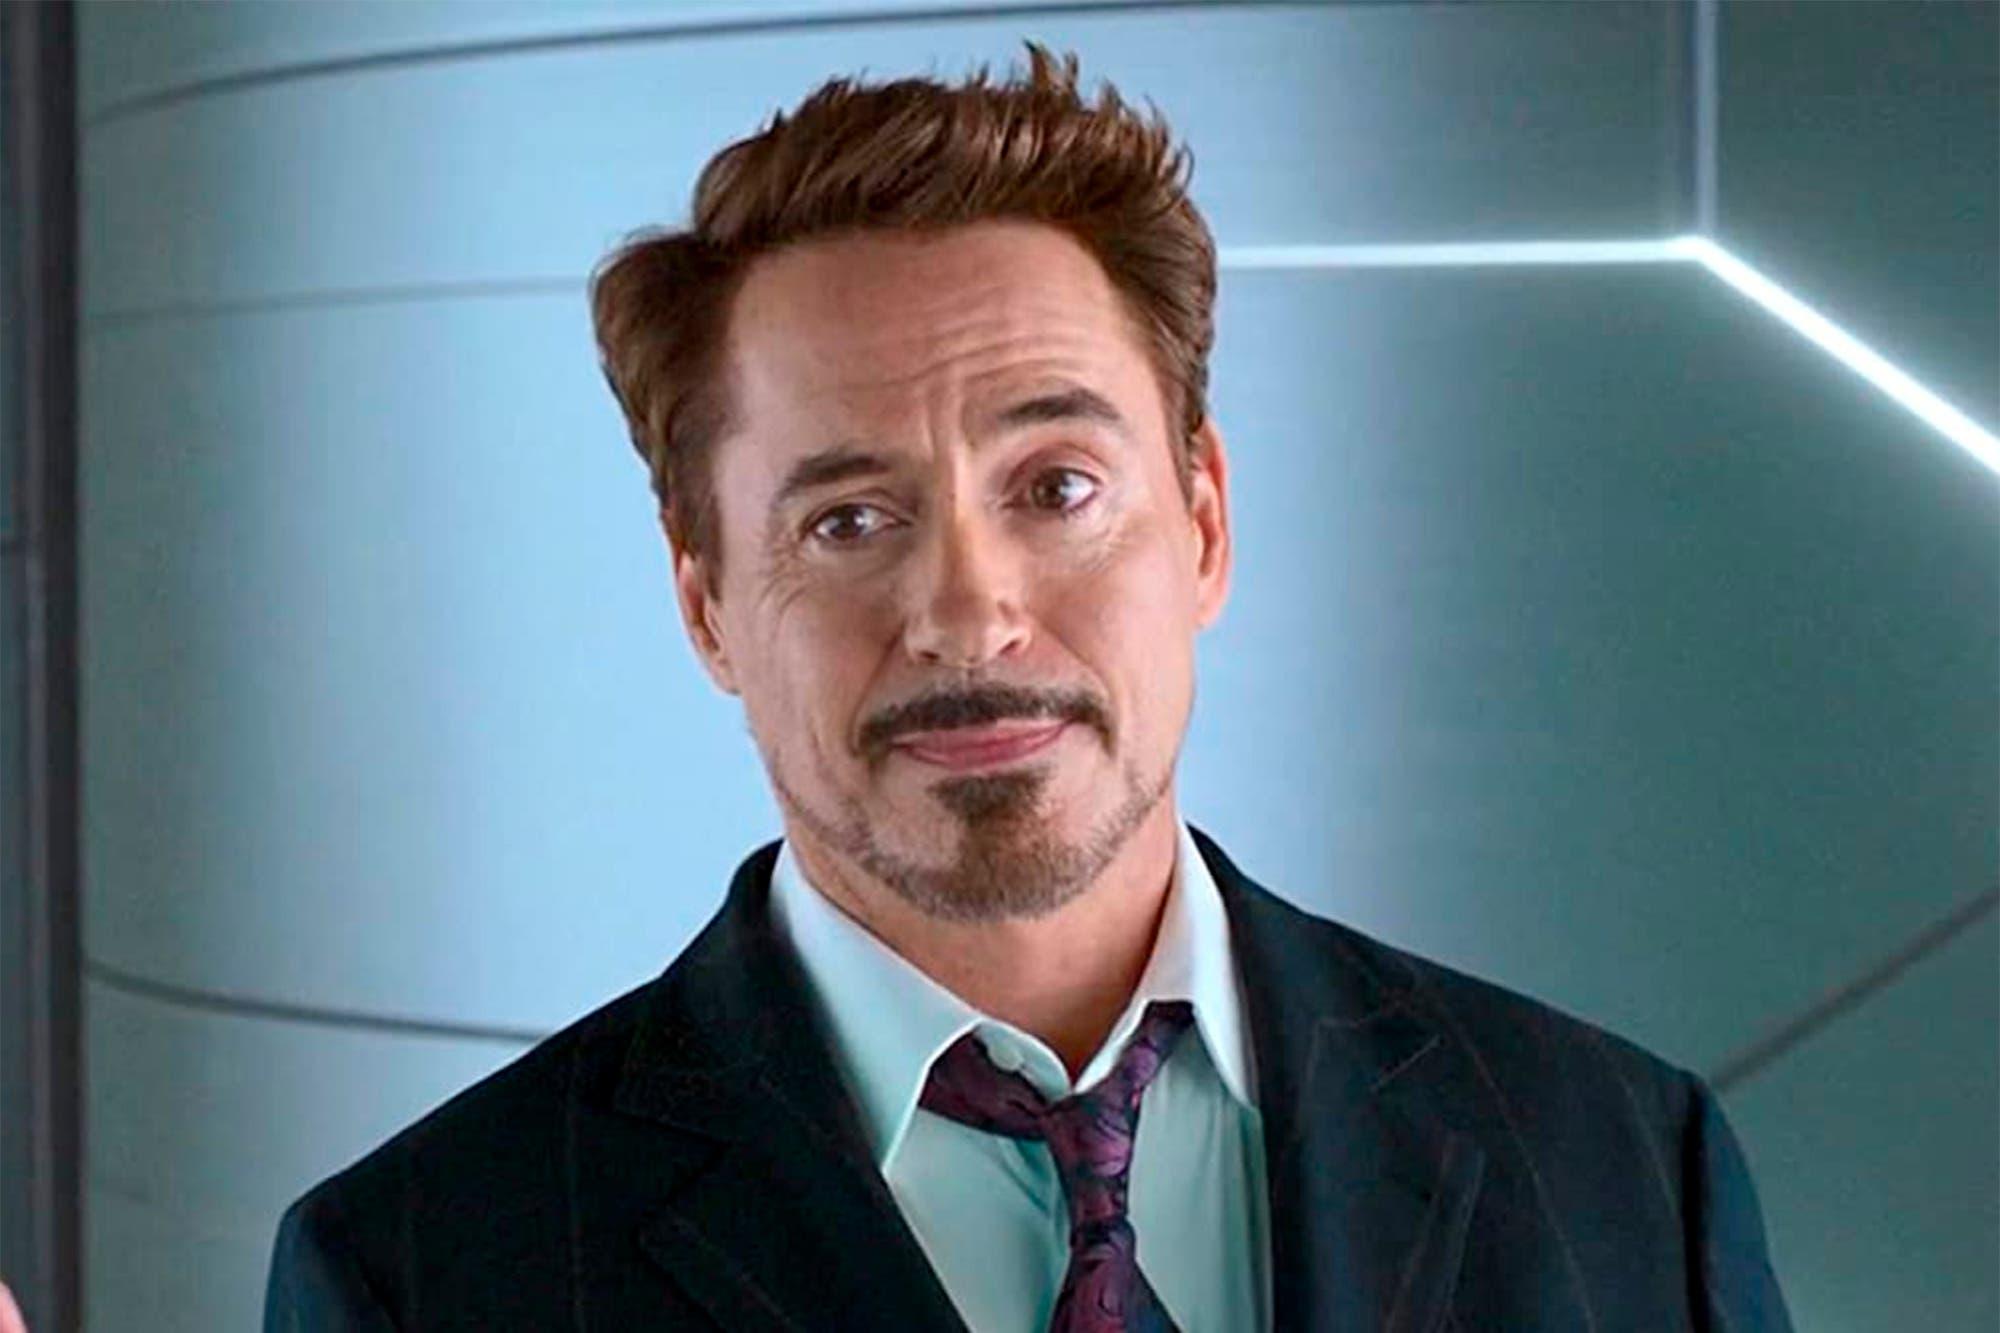 Disney quiere que Robert Downey Jr. sea un jedi en las próximas Star Wars